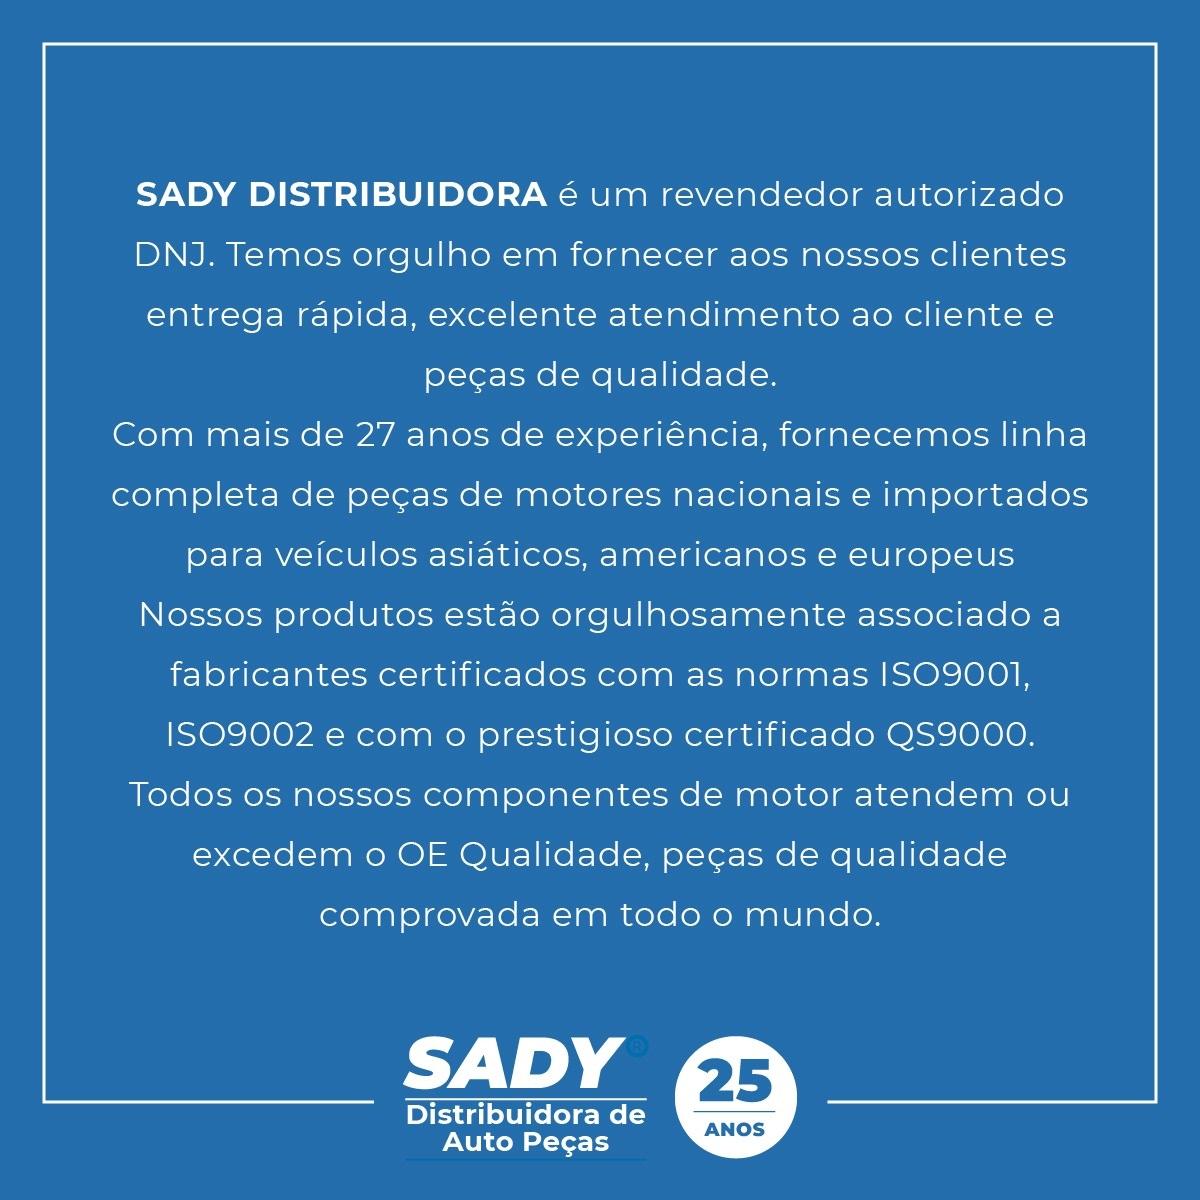 BOMBA DE OLEO DO MOTOR TOYOTA 2.5/3.0 16V